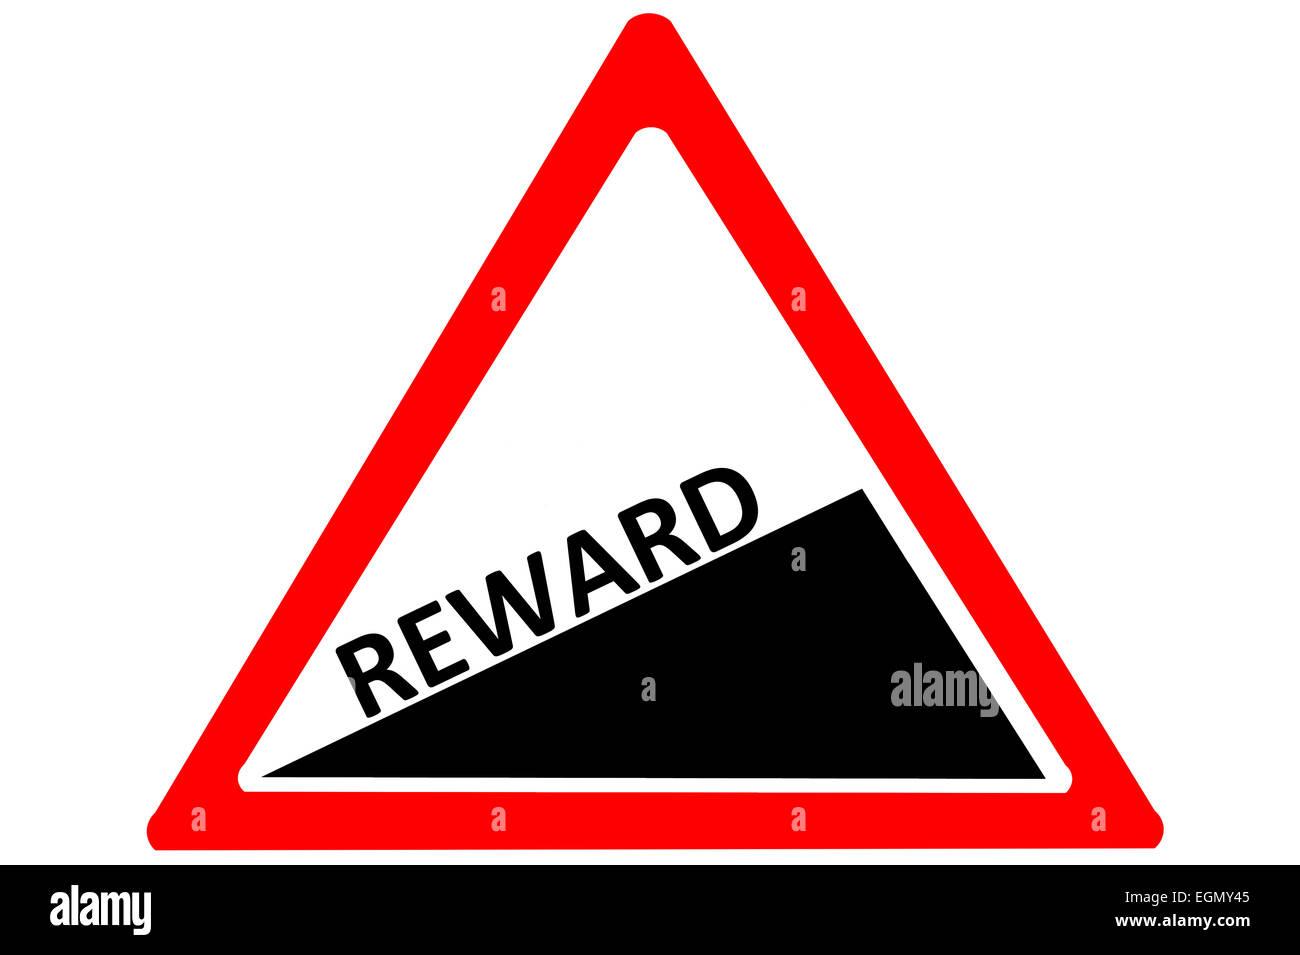 Reward increasing warning road sign isolated on white background - Stock Image